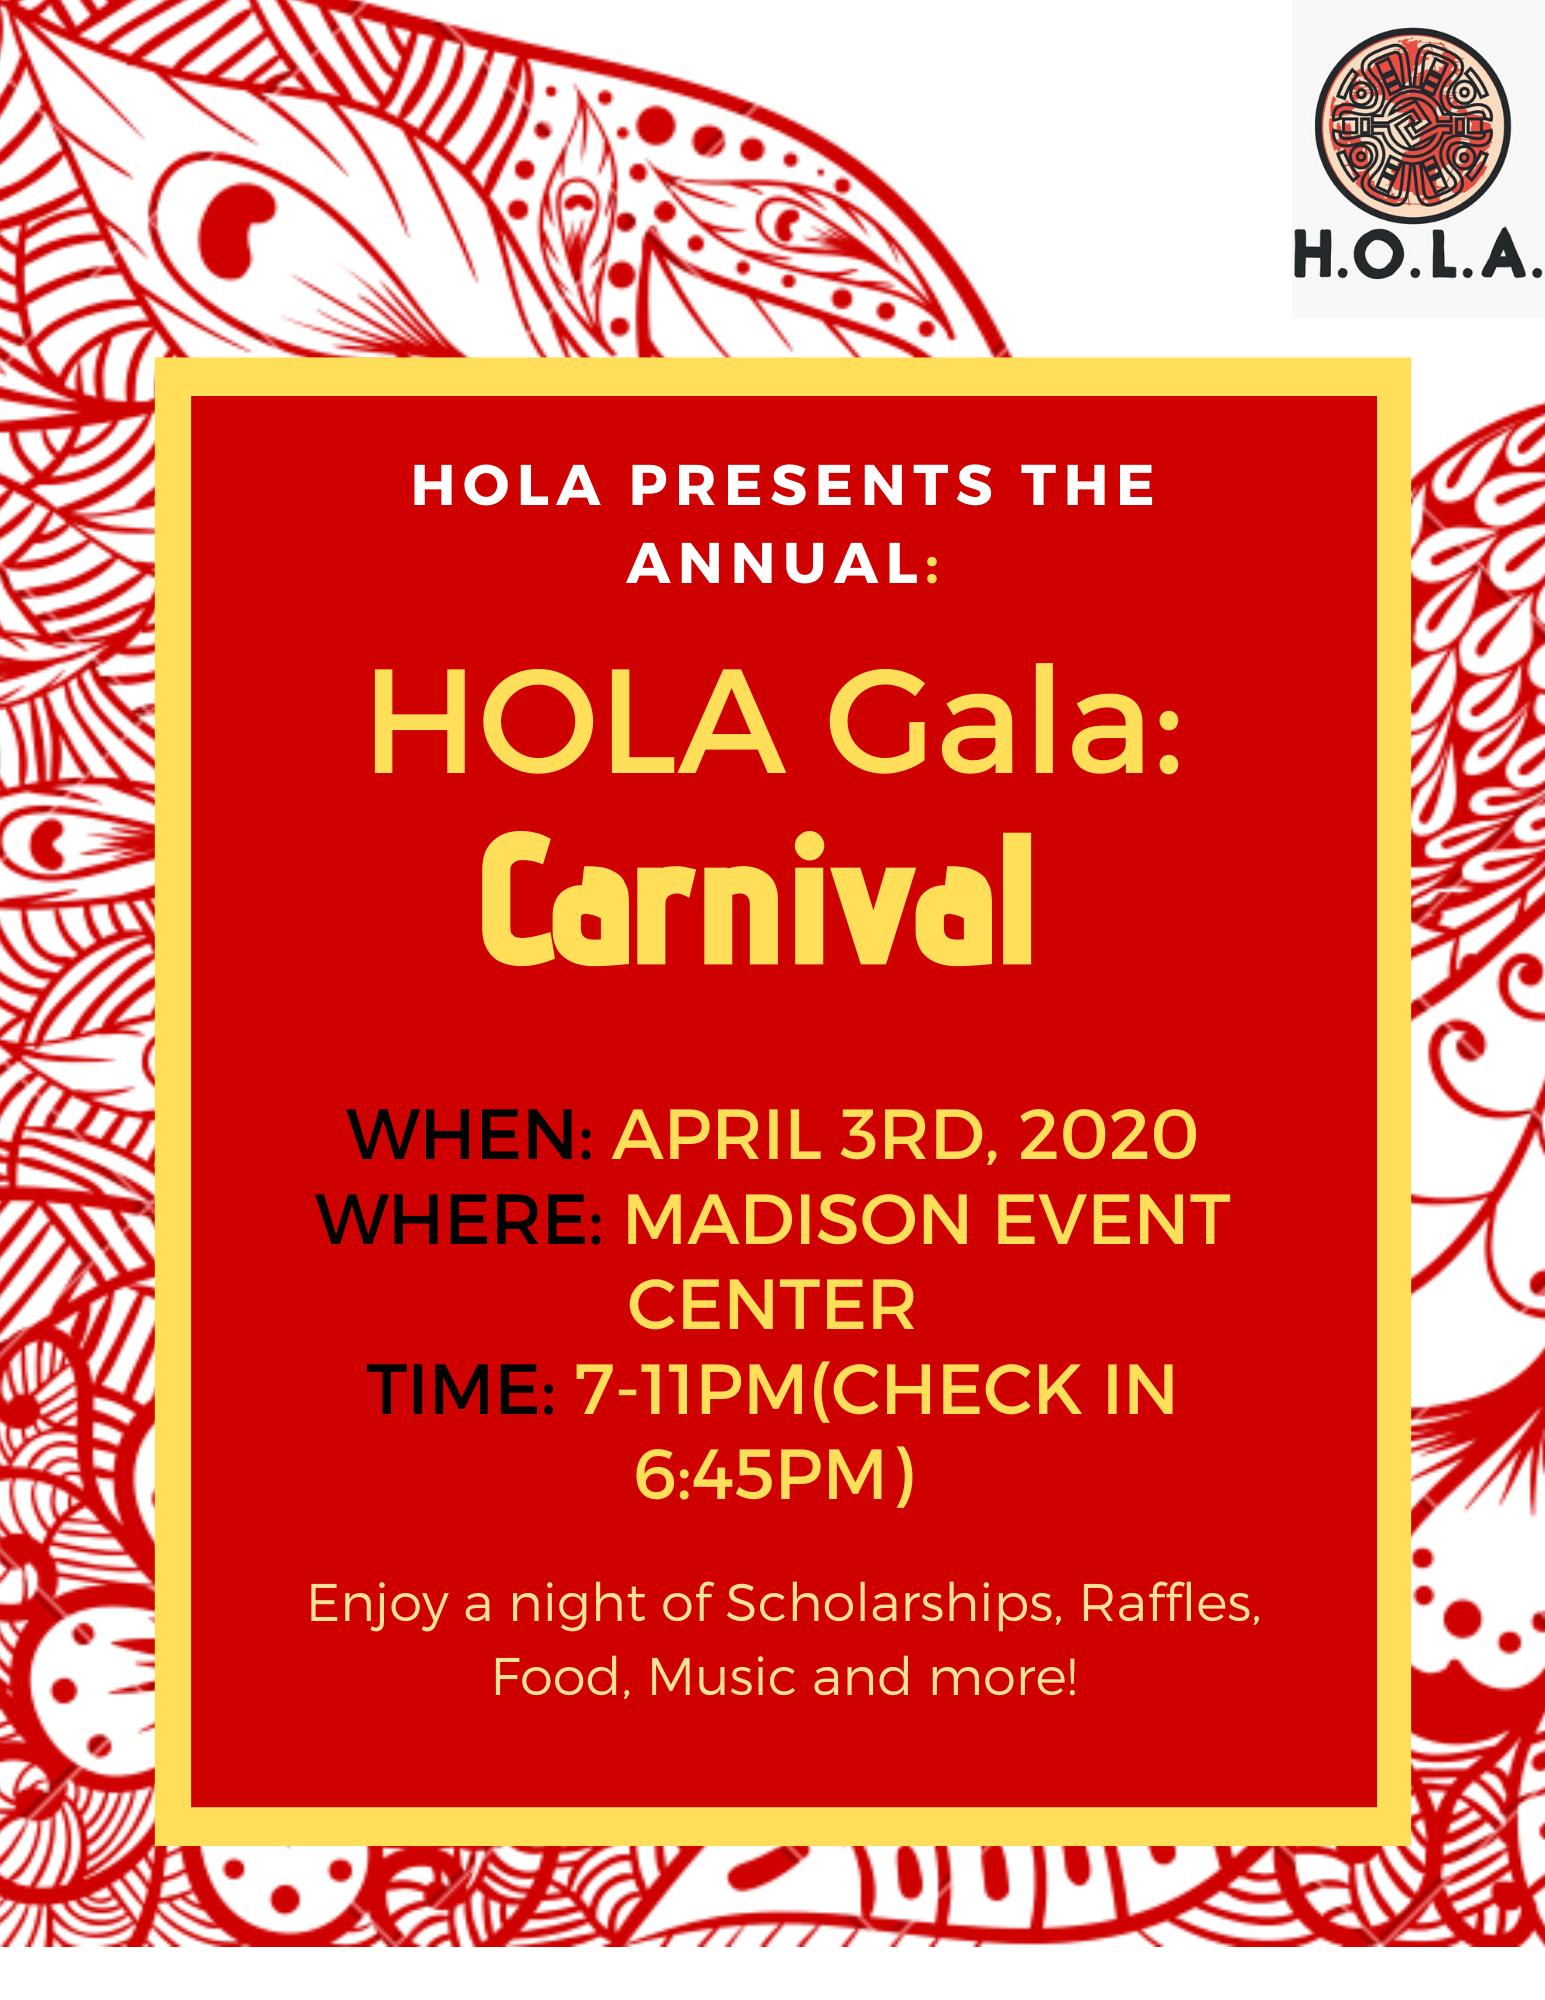 HOLA Gala